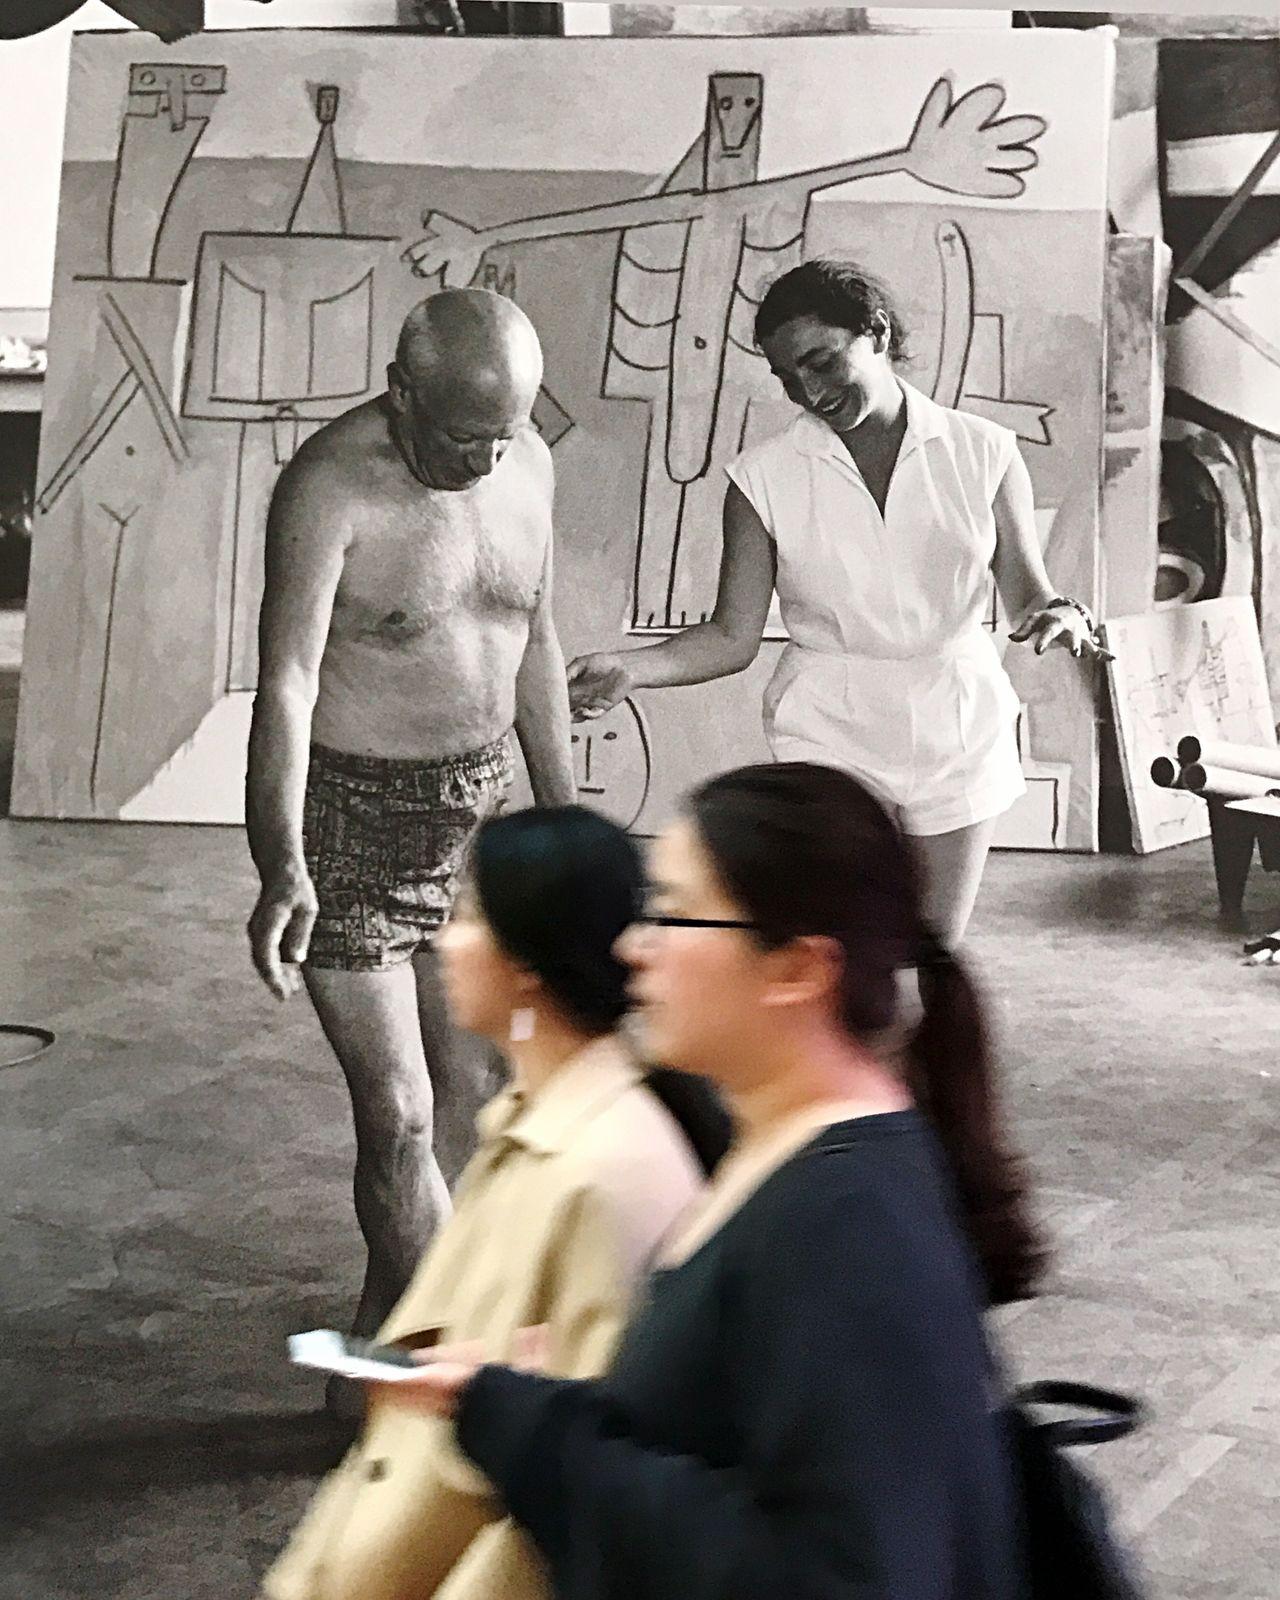 Blackandwhite Colorpop | Picasso & Jacqueline Roque Exhibition